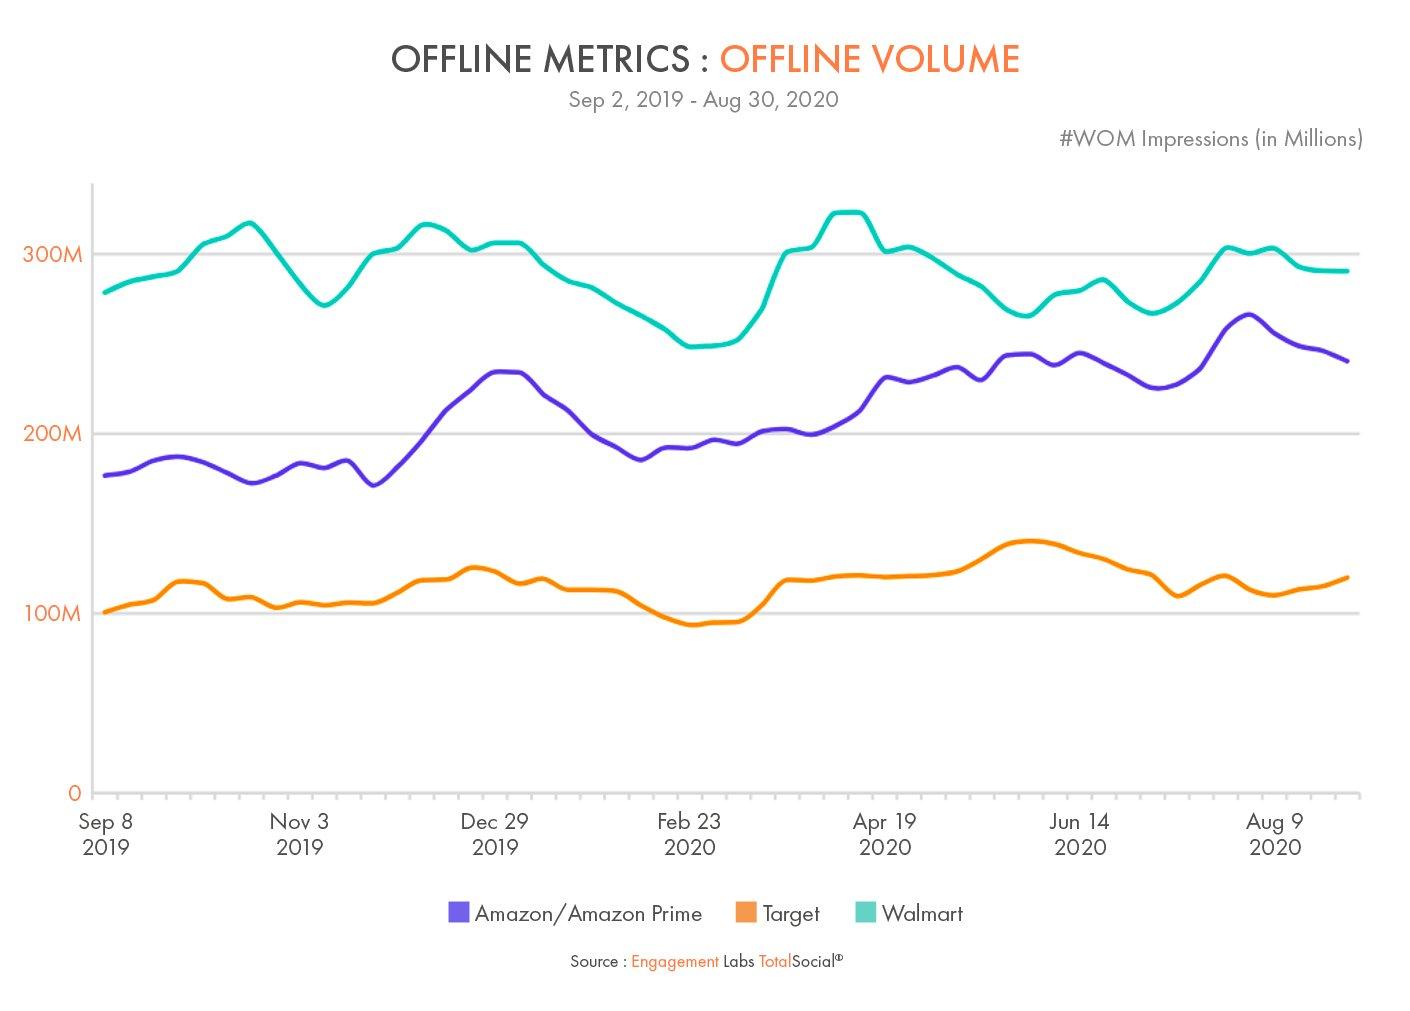 Offline Conversation Volume - Amazon vs Target vs Walmart